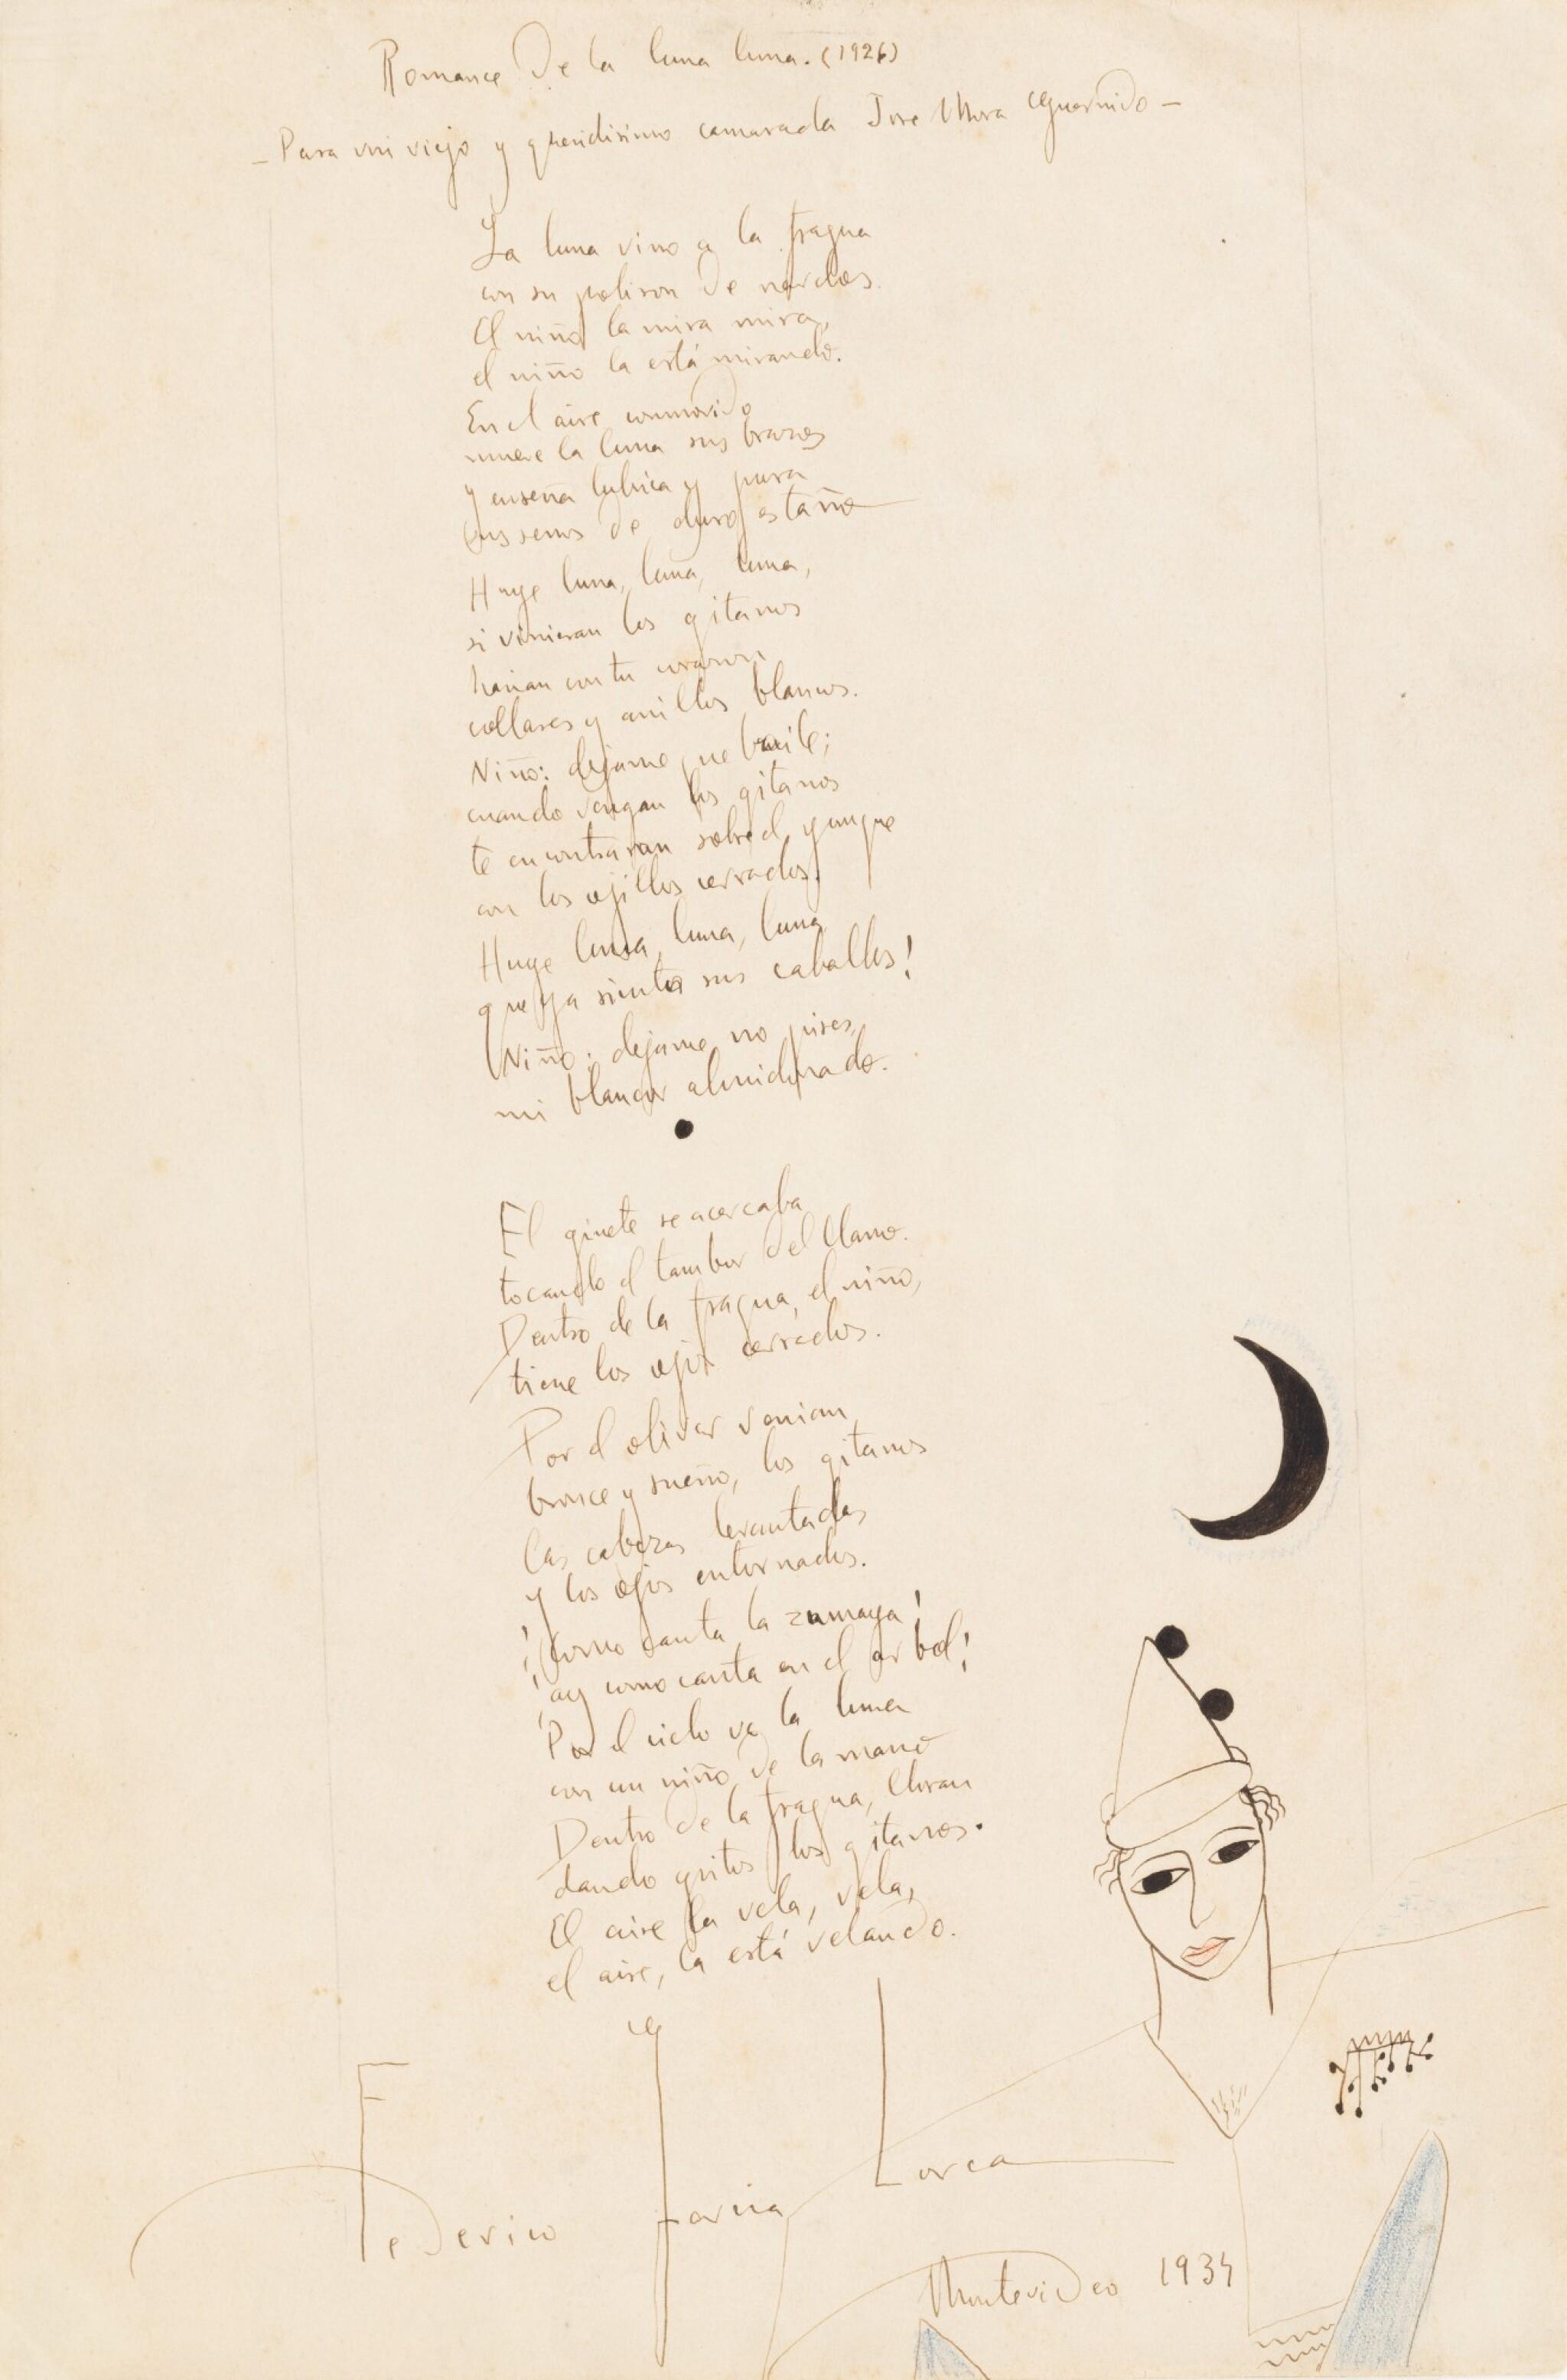 View full screen - View 1 of Lot 150. Romance de la luna luna. 1934. Poème autographe signé, orné d'un dessin et offert à son ami Mora Guarnido.